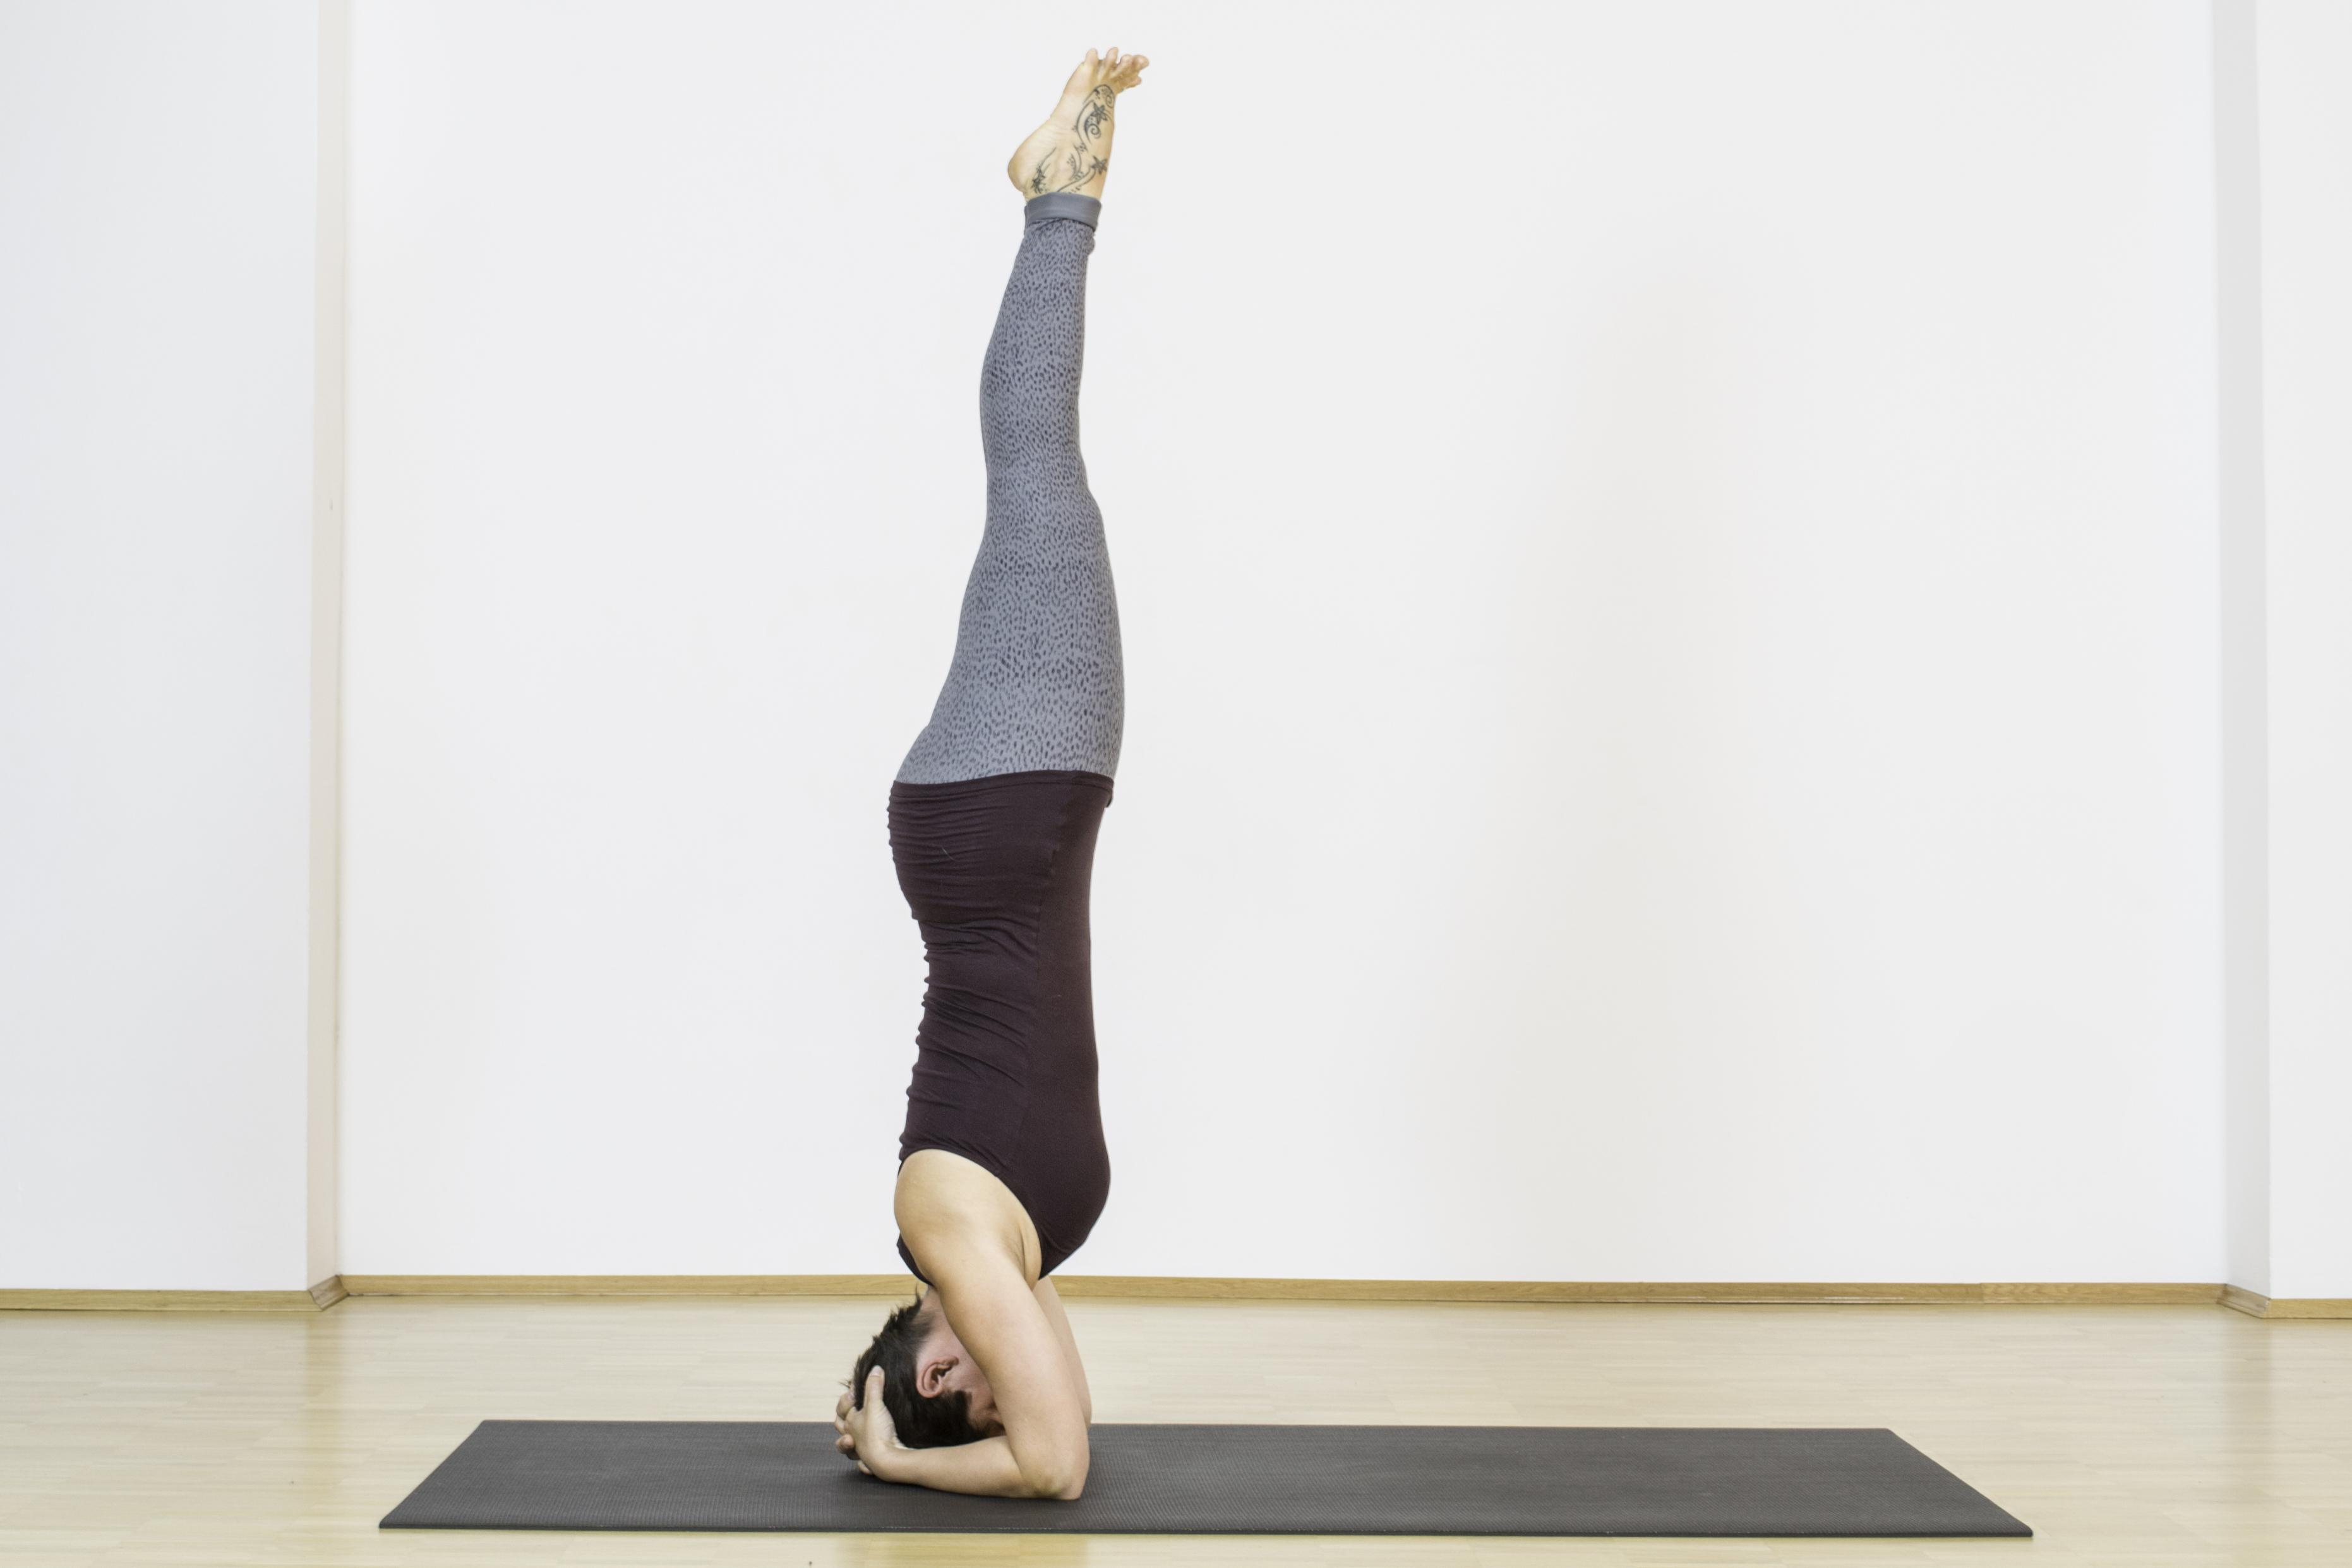 Für neue Perspektiven, ist der Kopfstand wunderbar geeignet. Er verschafft neue Blickwinkel. Du Solltest ihn nur praktizieren, wenn Du weißt, wie Du ihn sicher aufbaust und schon einige Übung hast. Für alle. die noch nicht mit dem Kopfstand vertraut sind: das Vinya Loft ist einer toller Ort zum Üben und um Eure Yoga Praxis zu vertiefen. ;)